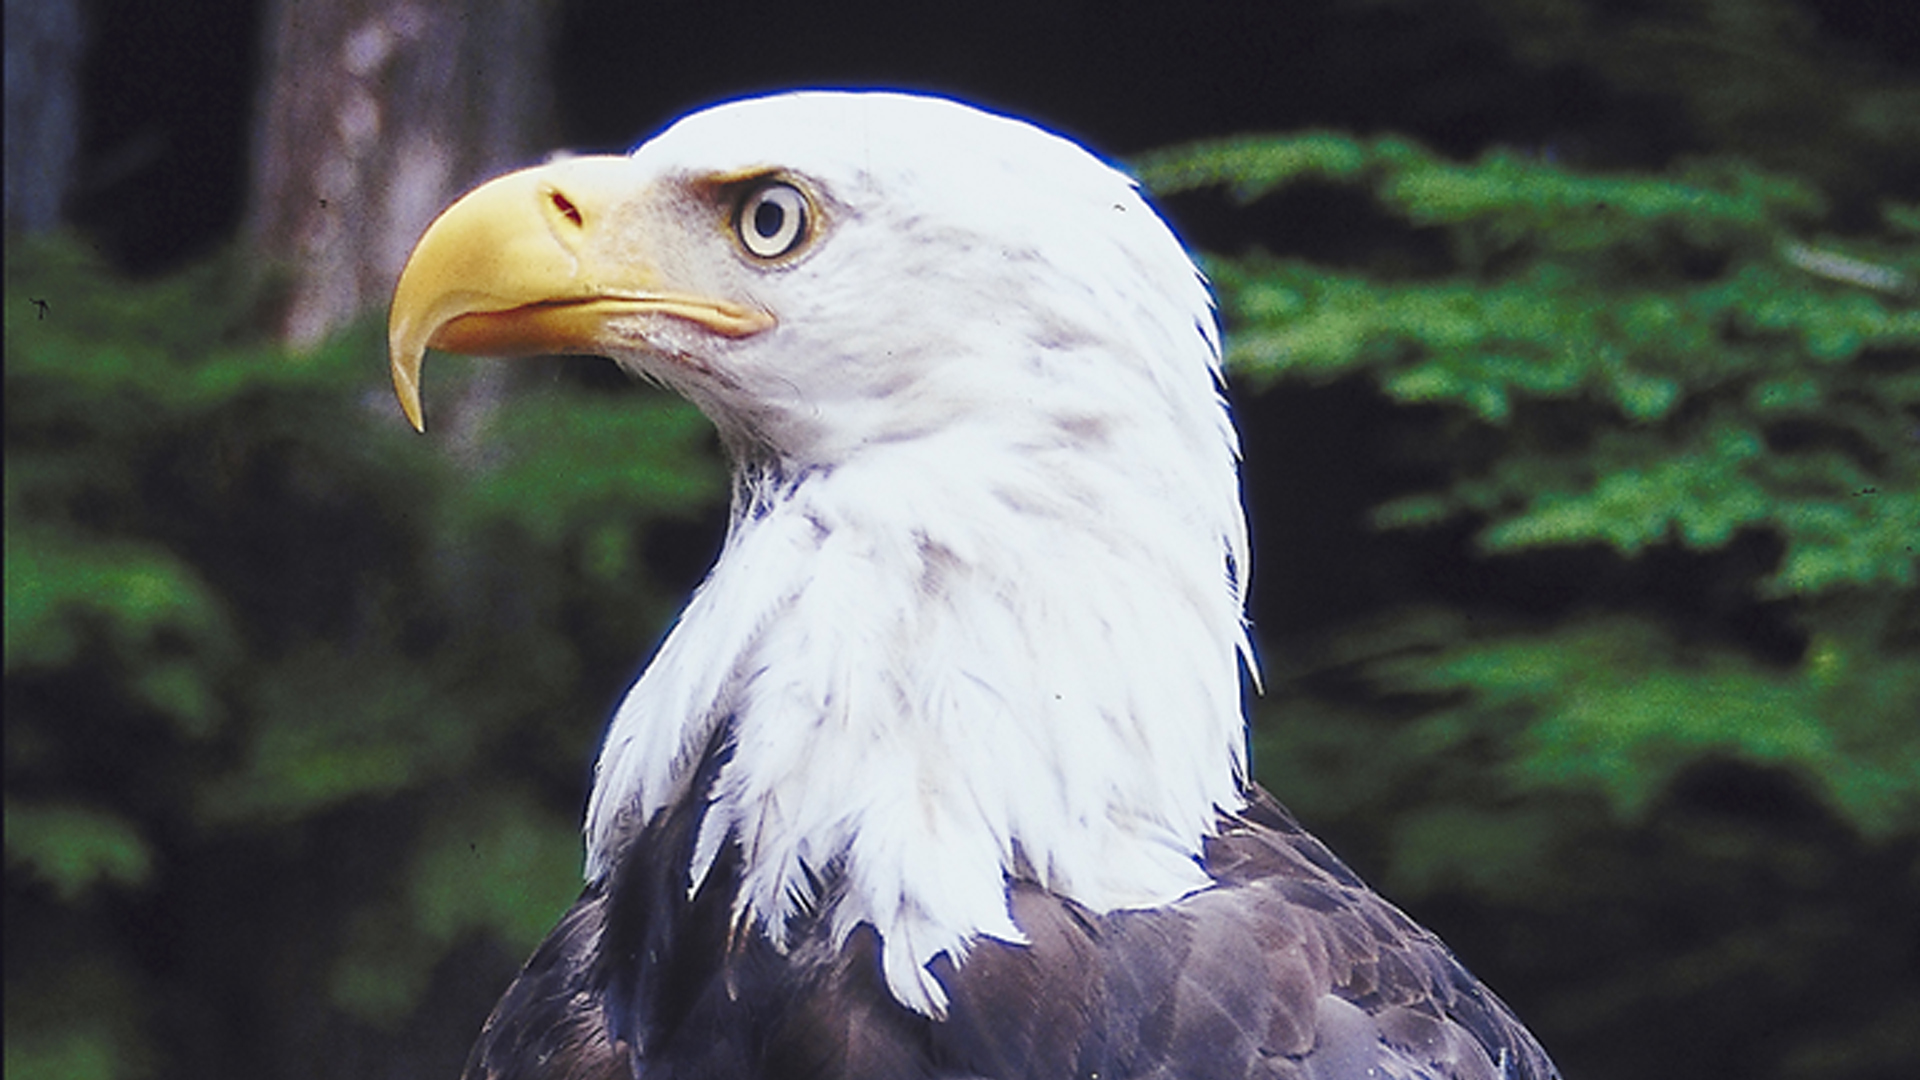 287_BIRDS EYE.jpg